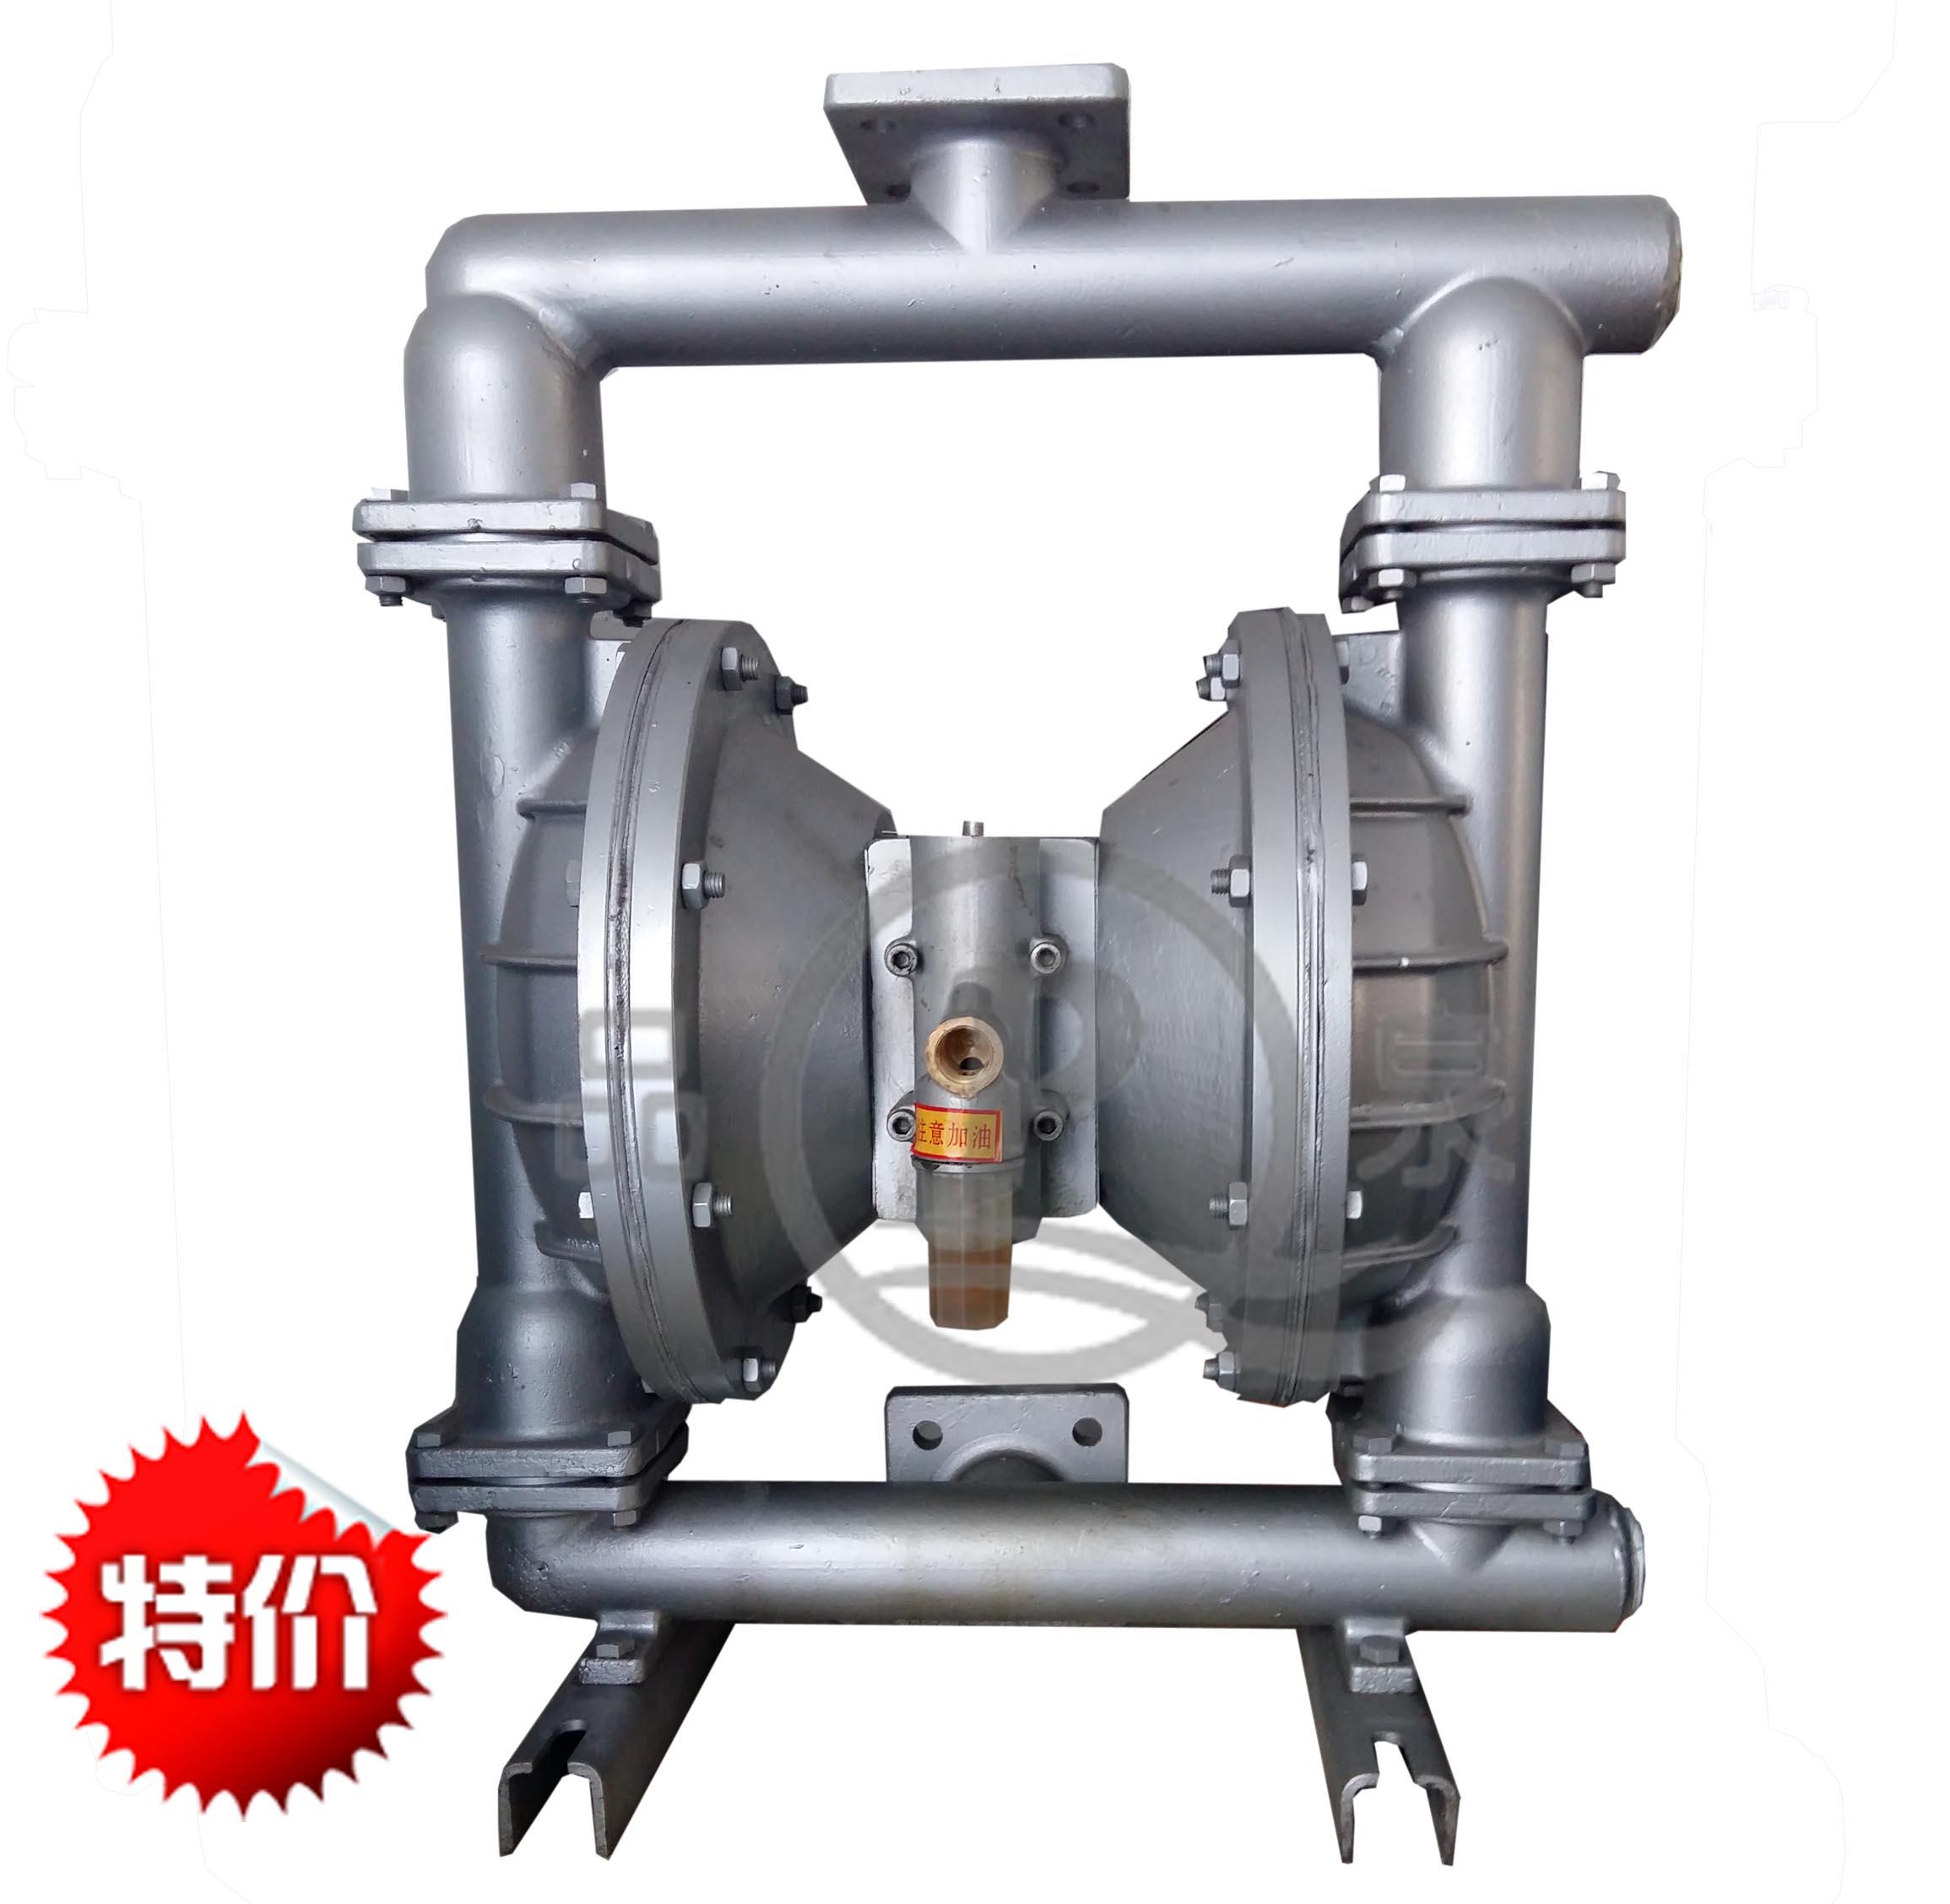 【限时特惠】供应QBY-50气动隔膜泵 铝合金型气动双隔膜泵